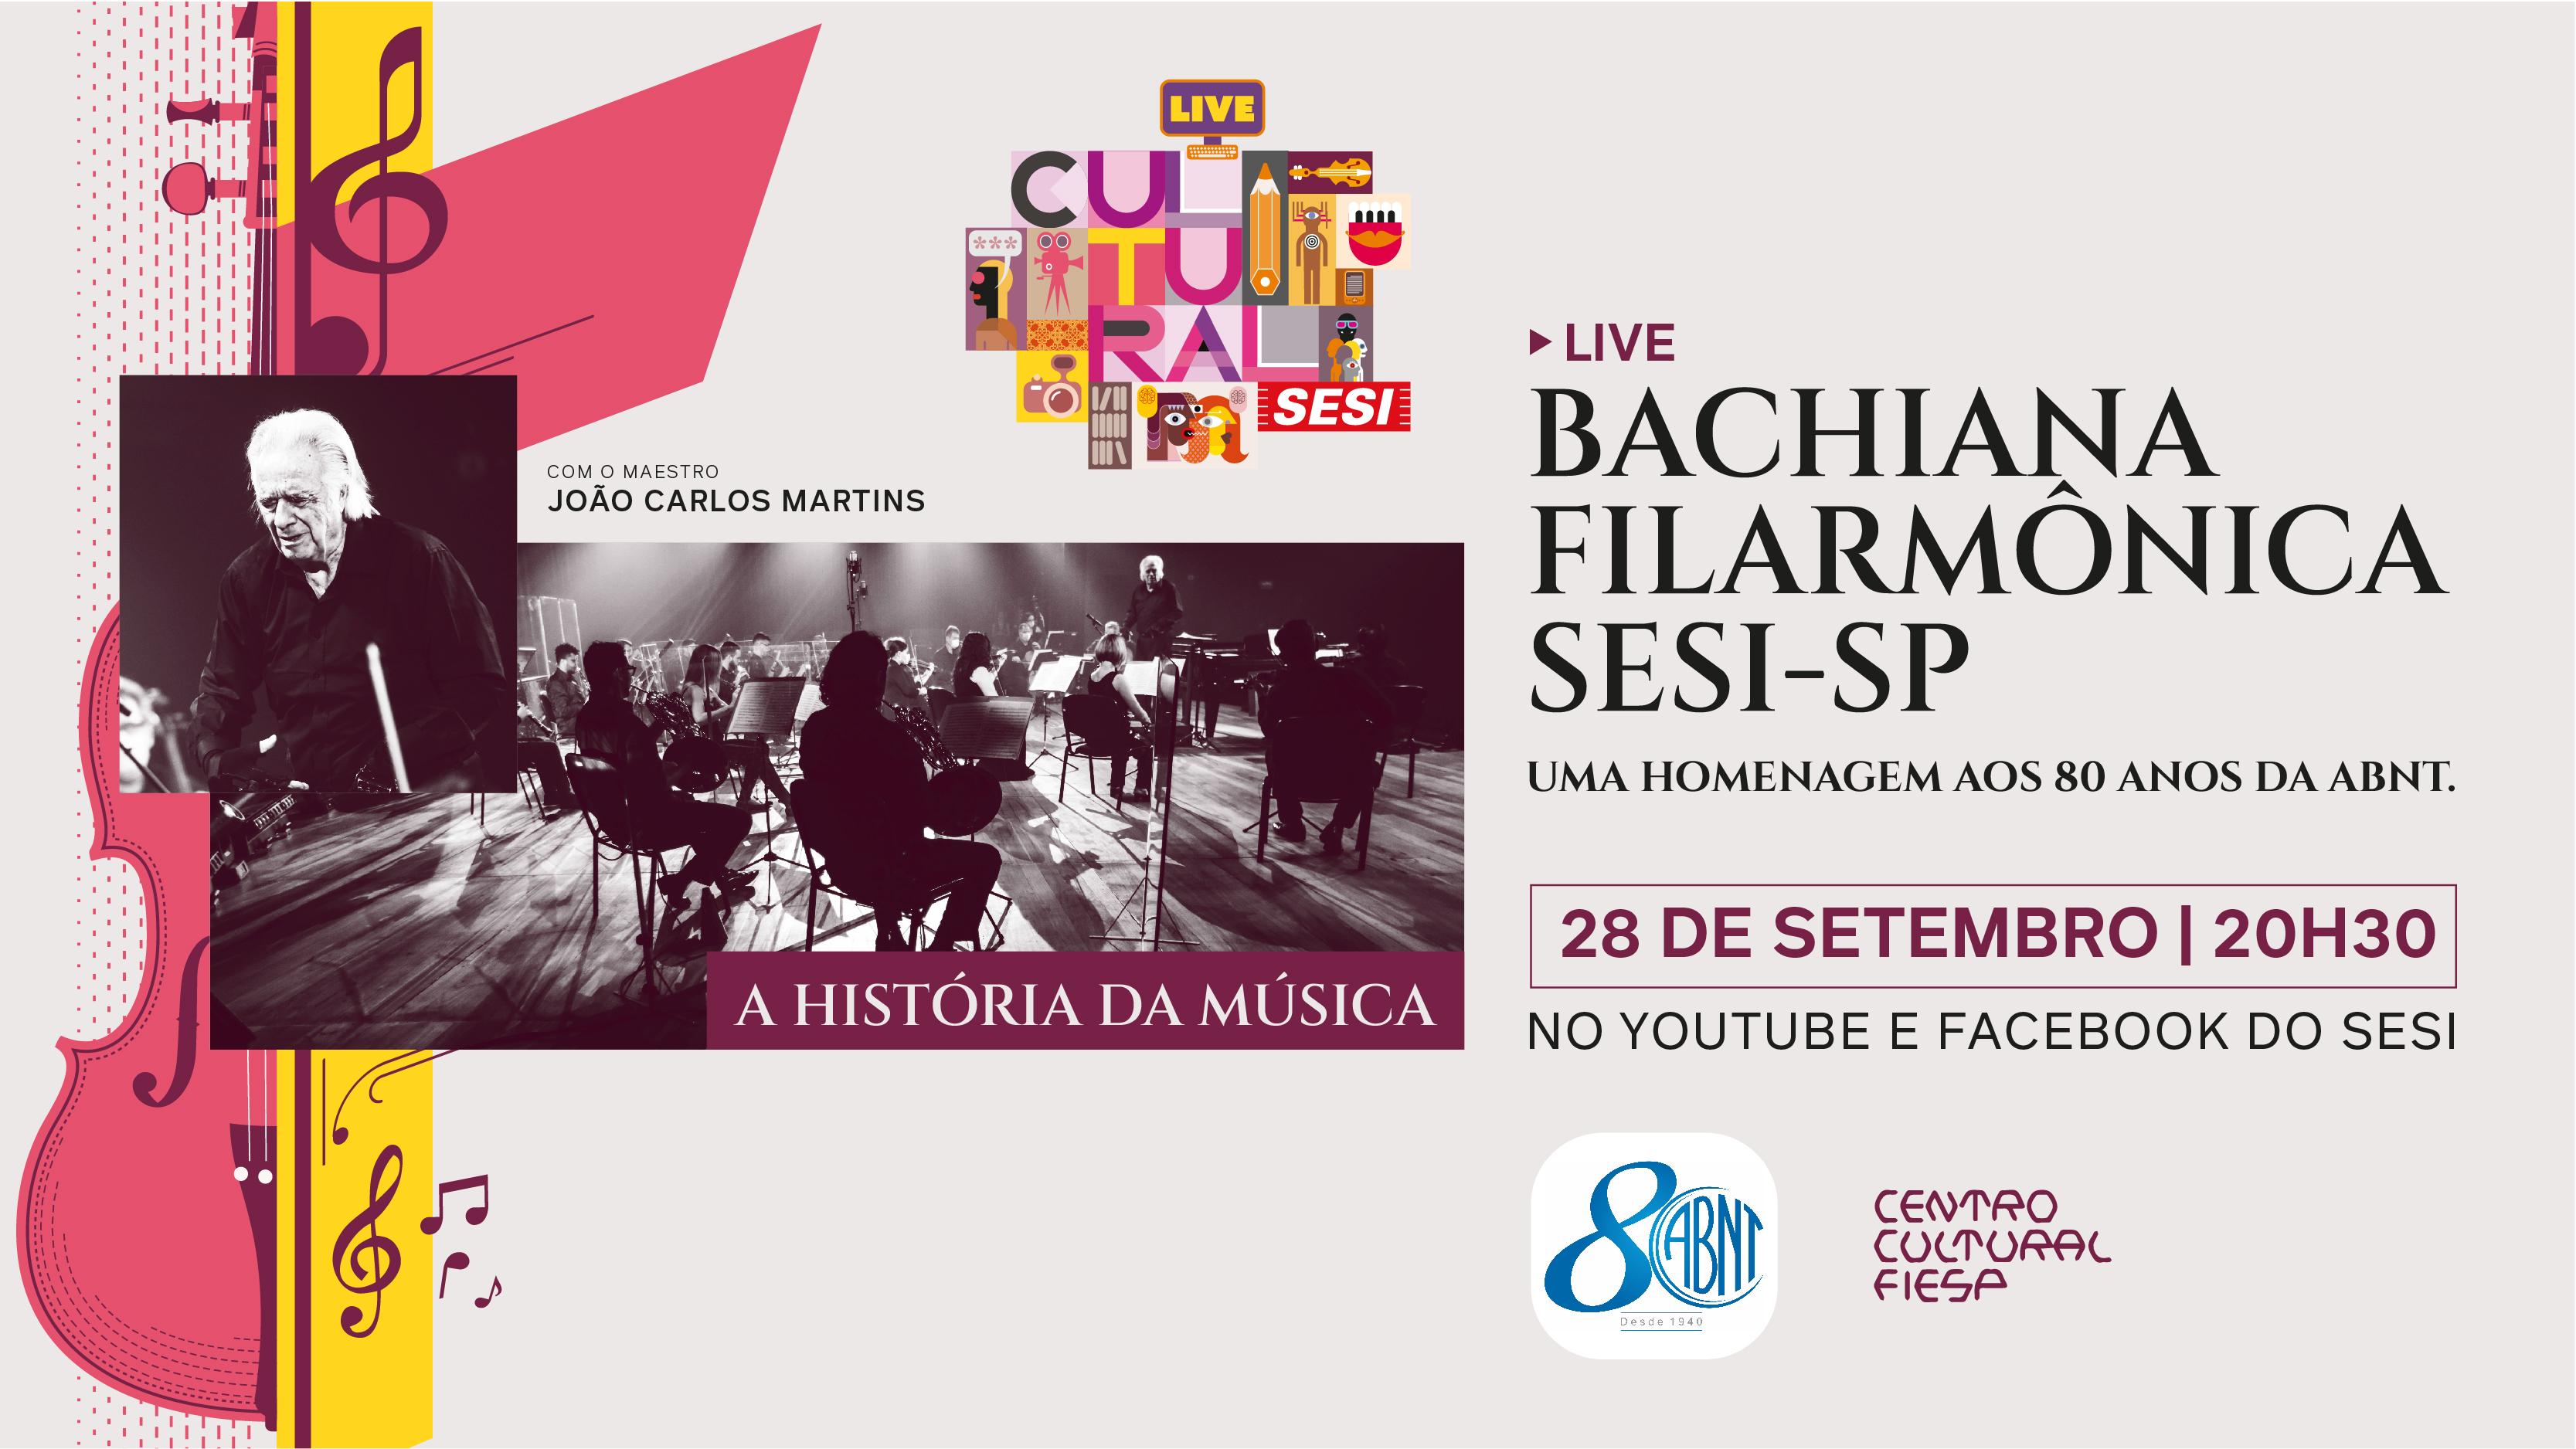 O maestro estará no comando da Bachiana Filarmônica Sesi-SP. O concerto contará ainda com a presença da soprano Anna Beatriz Gomes e do tenor Jean William